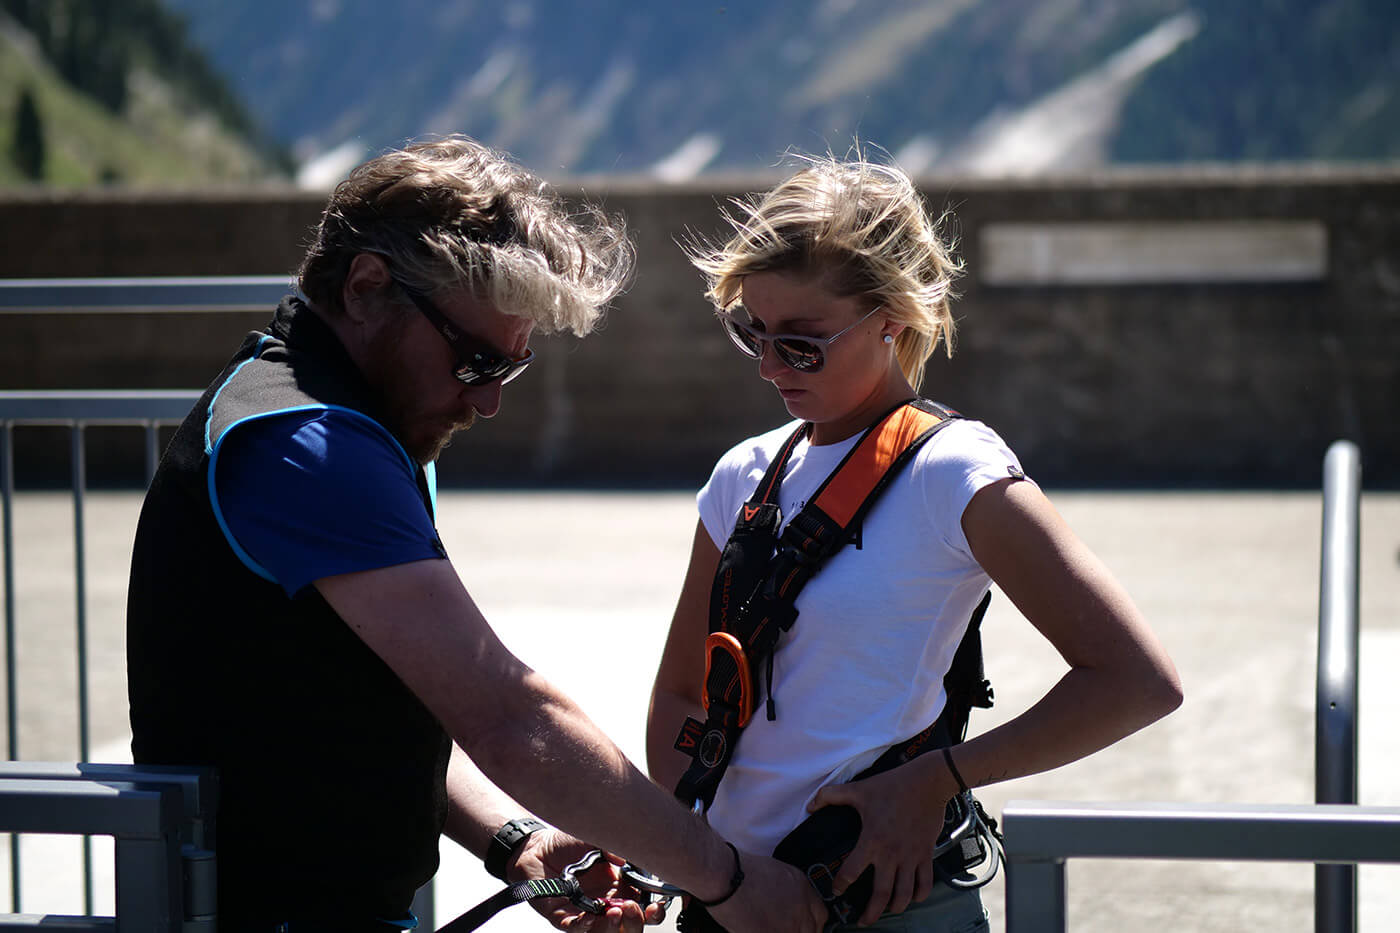 Klettergurt Leihen : Verleih der klettersteigausrüstung an staumauer